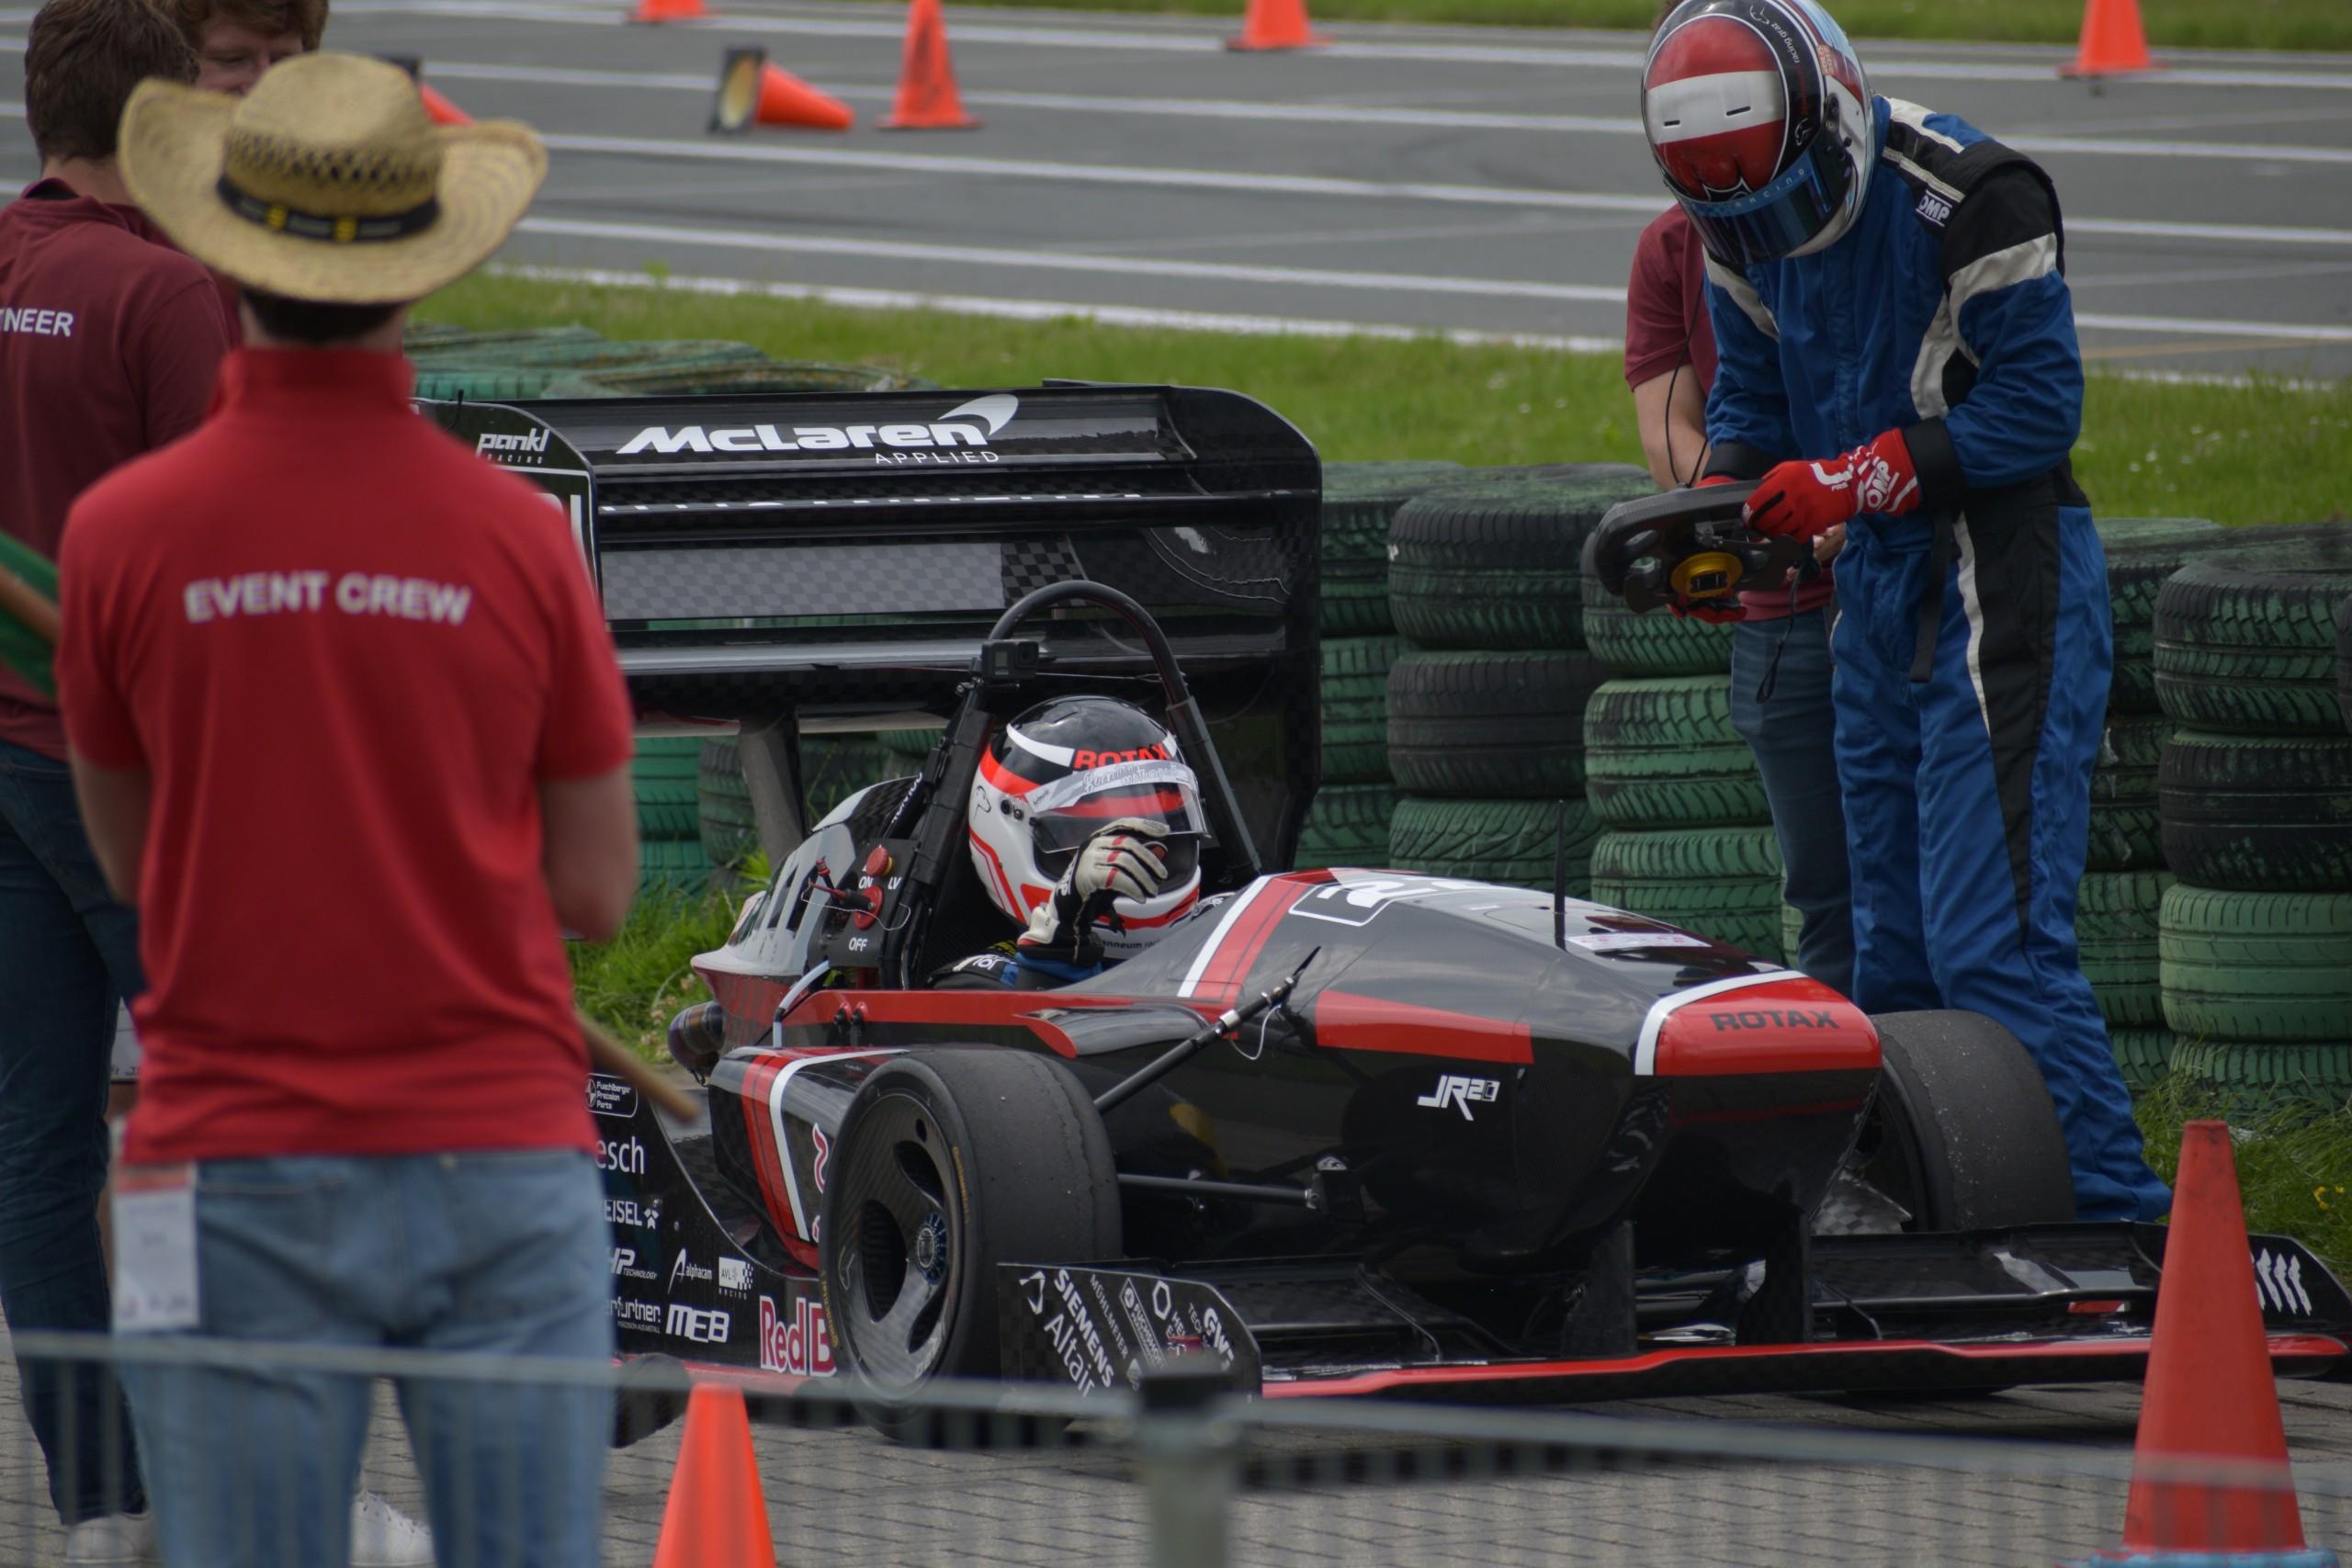 Nach den technischen Überprüfungen können die dynamischen Bewerbe starten. Foto: joanneum racing graz